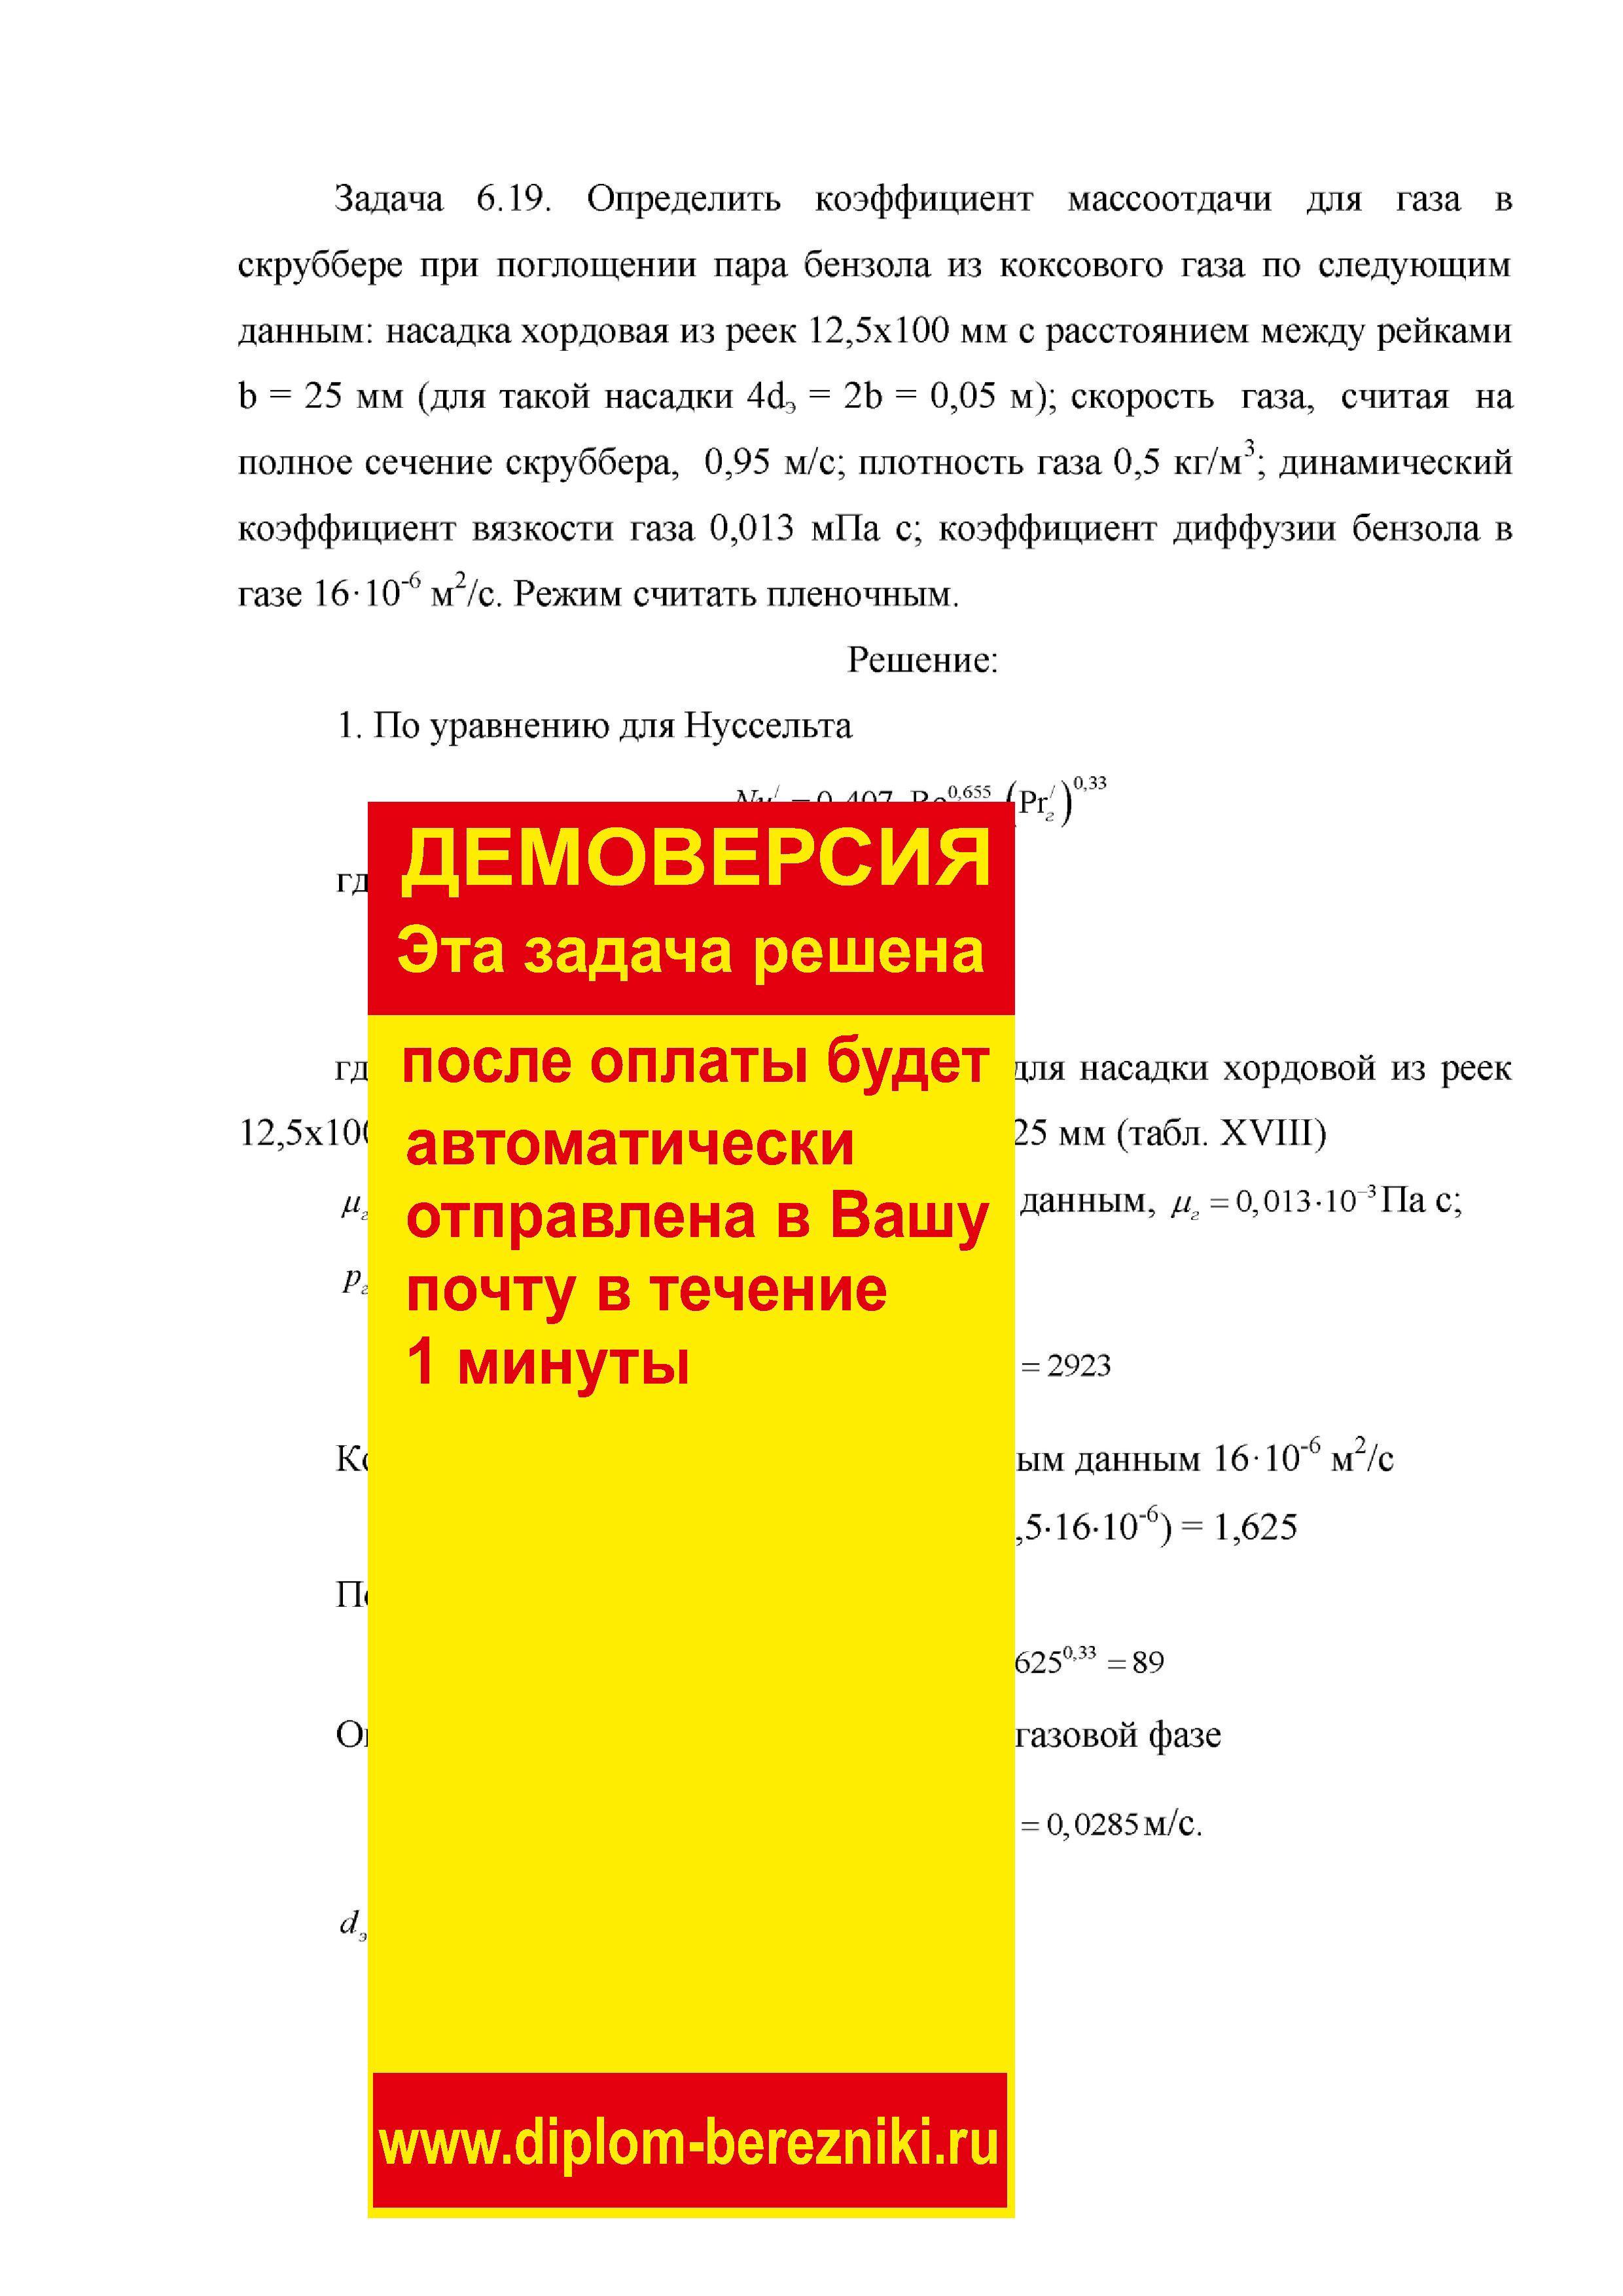 Решение задачи 6.19 по ПАХТ из задачника Павлова Романкова Носкова